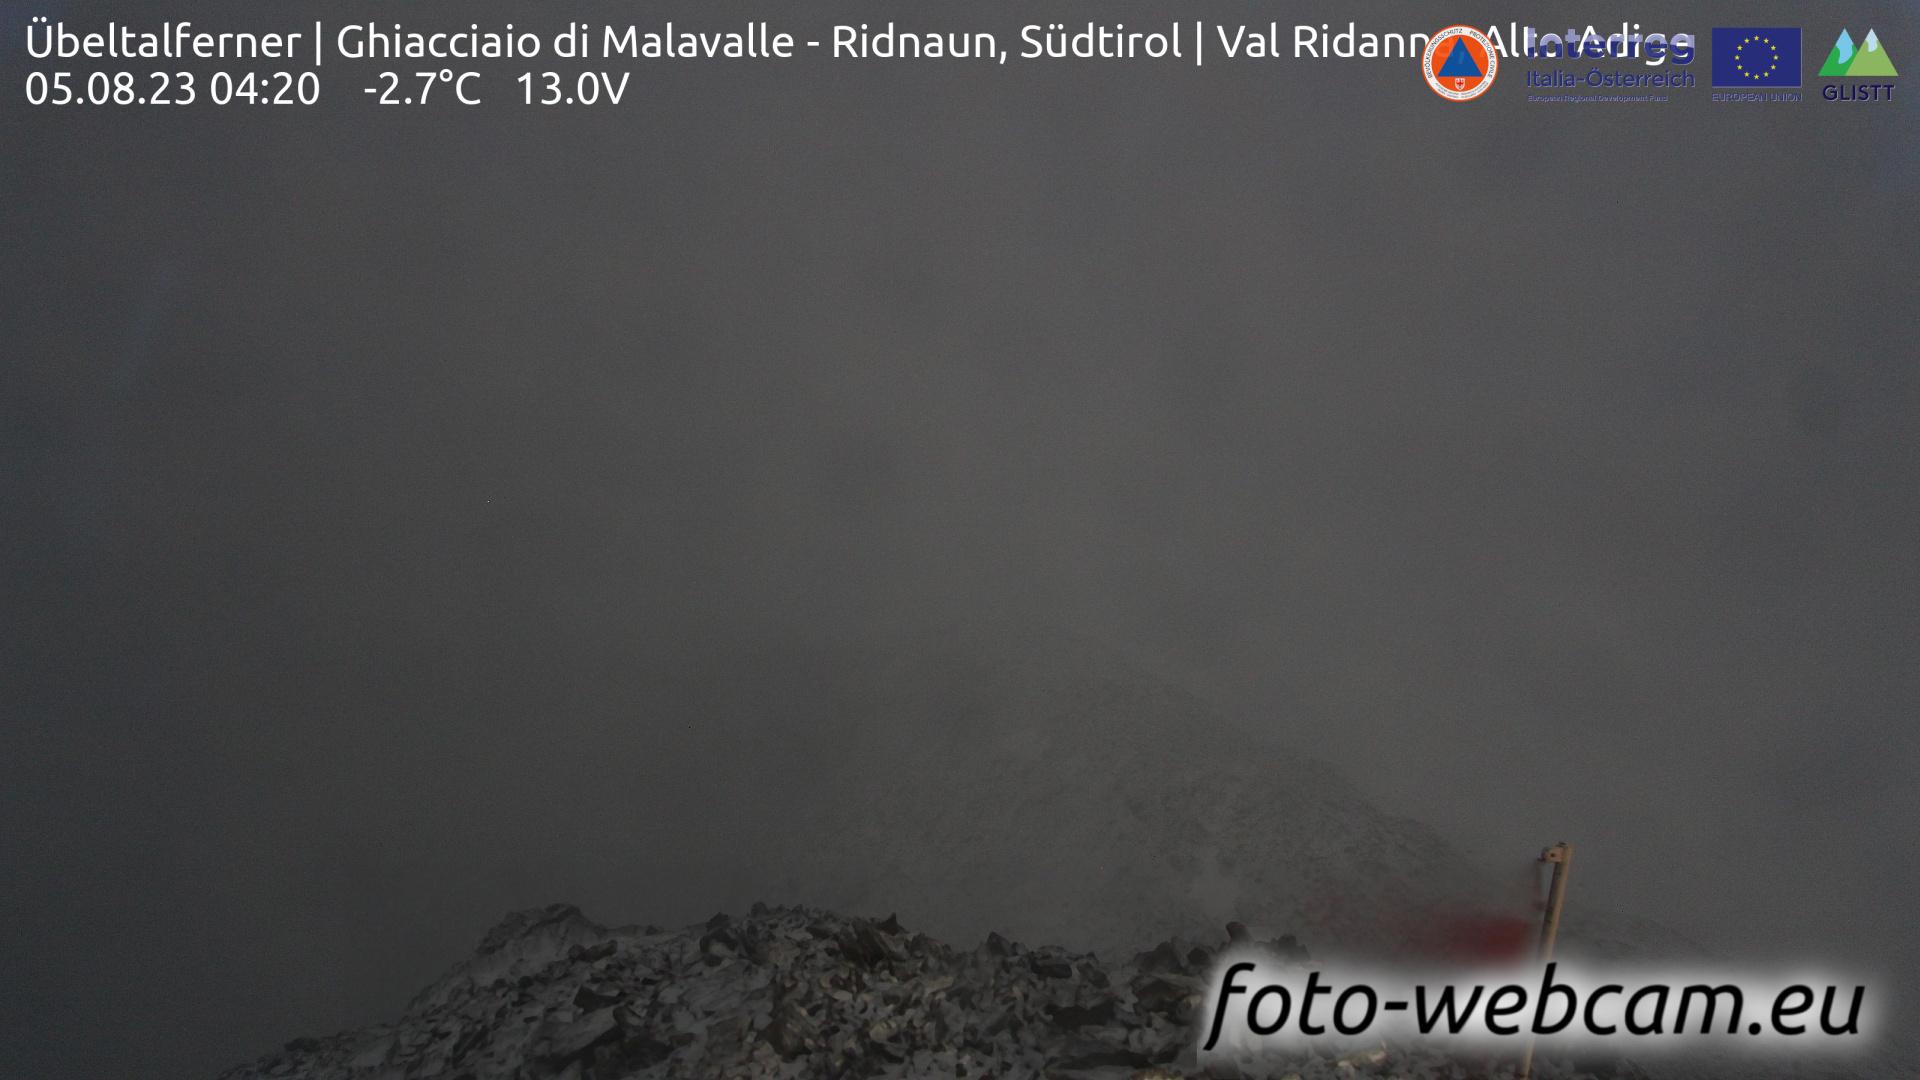 Val Ridanna Sab. 04:28